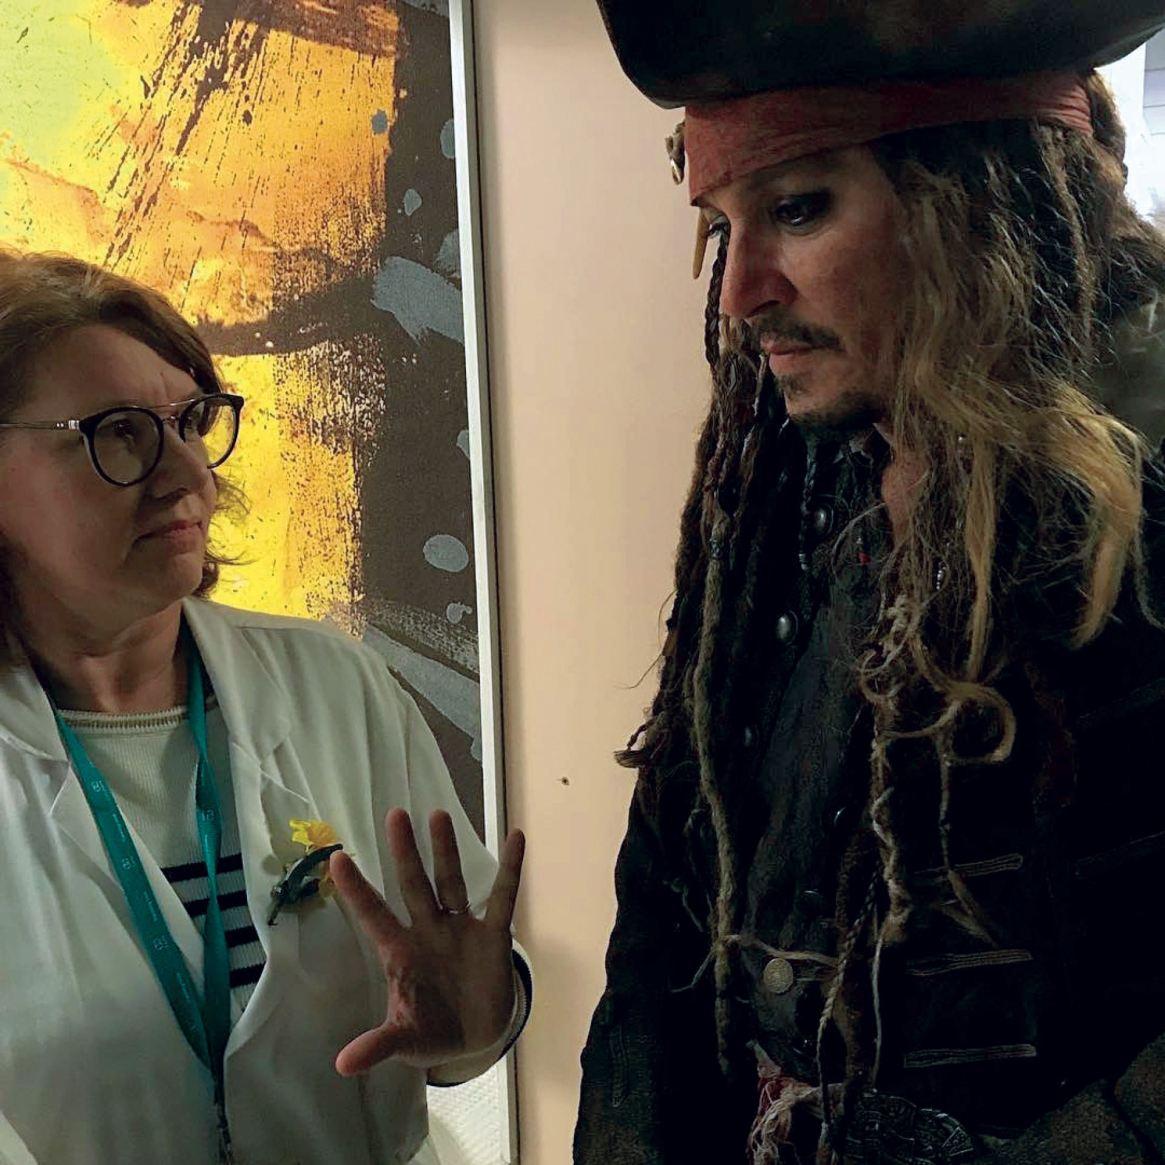 Caracterizado como Jack Sparrow, un personaje que no será de la nueva saga, conversa con personal del instituto